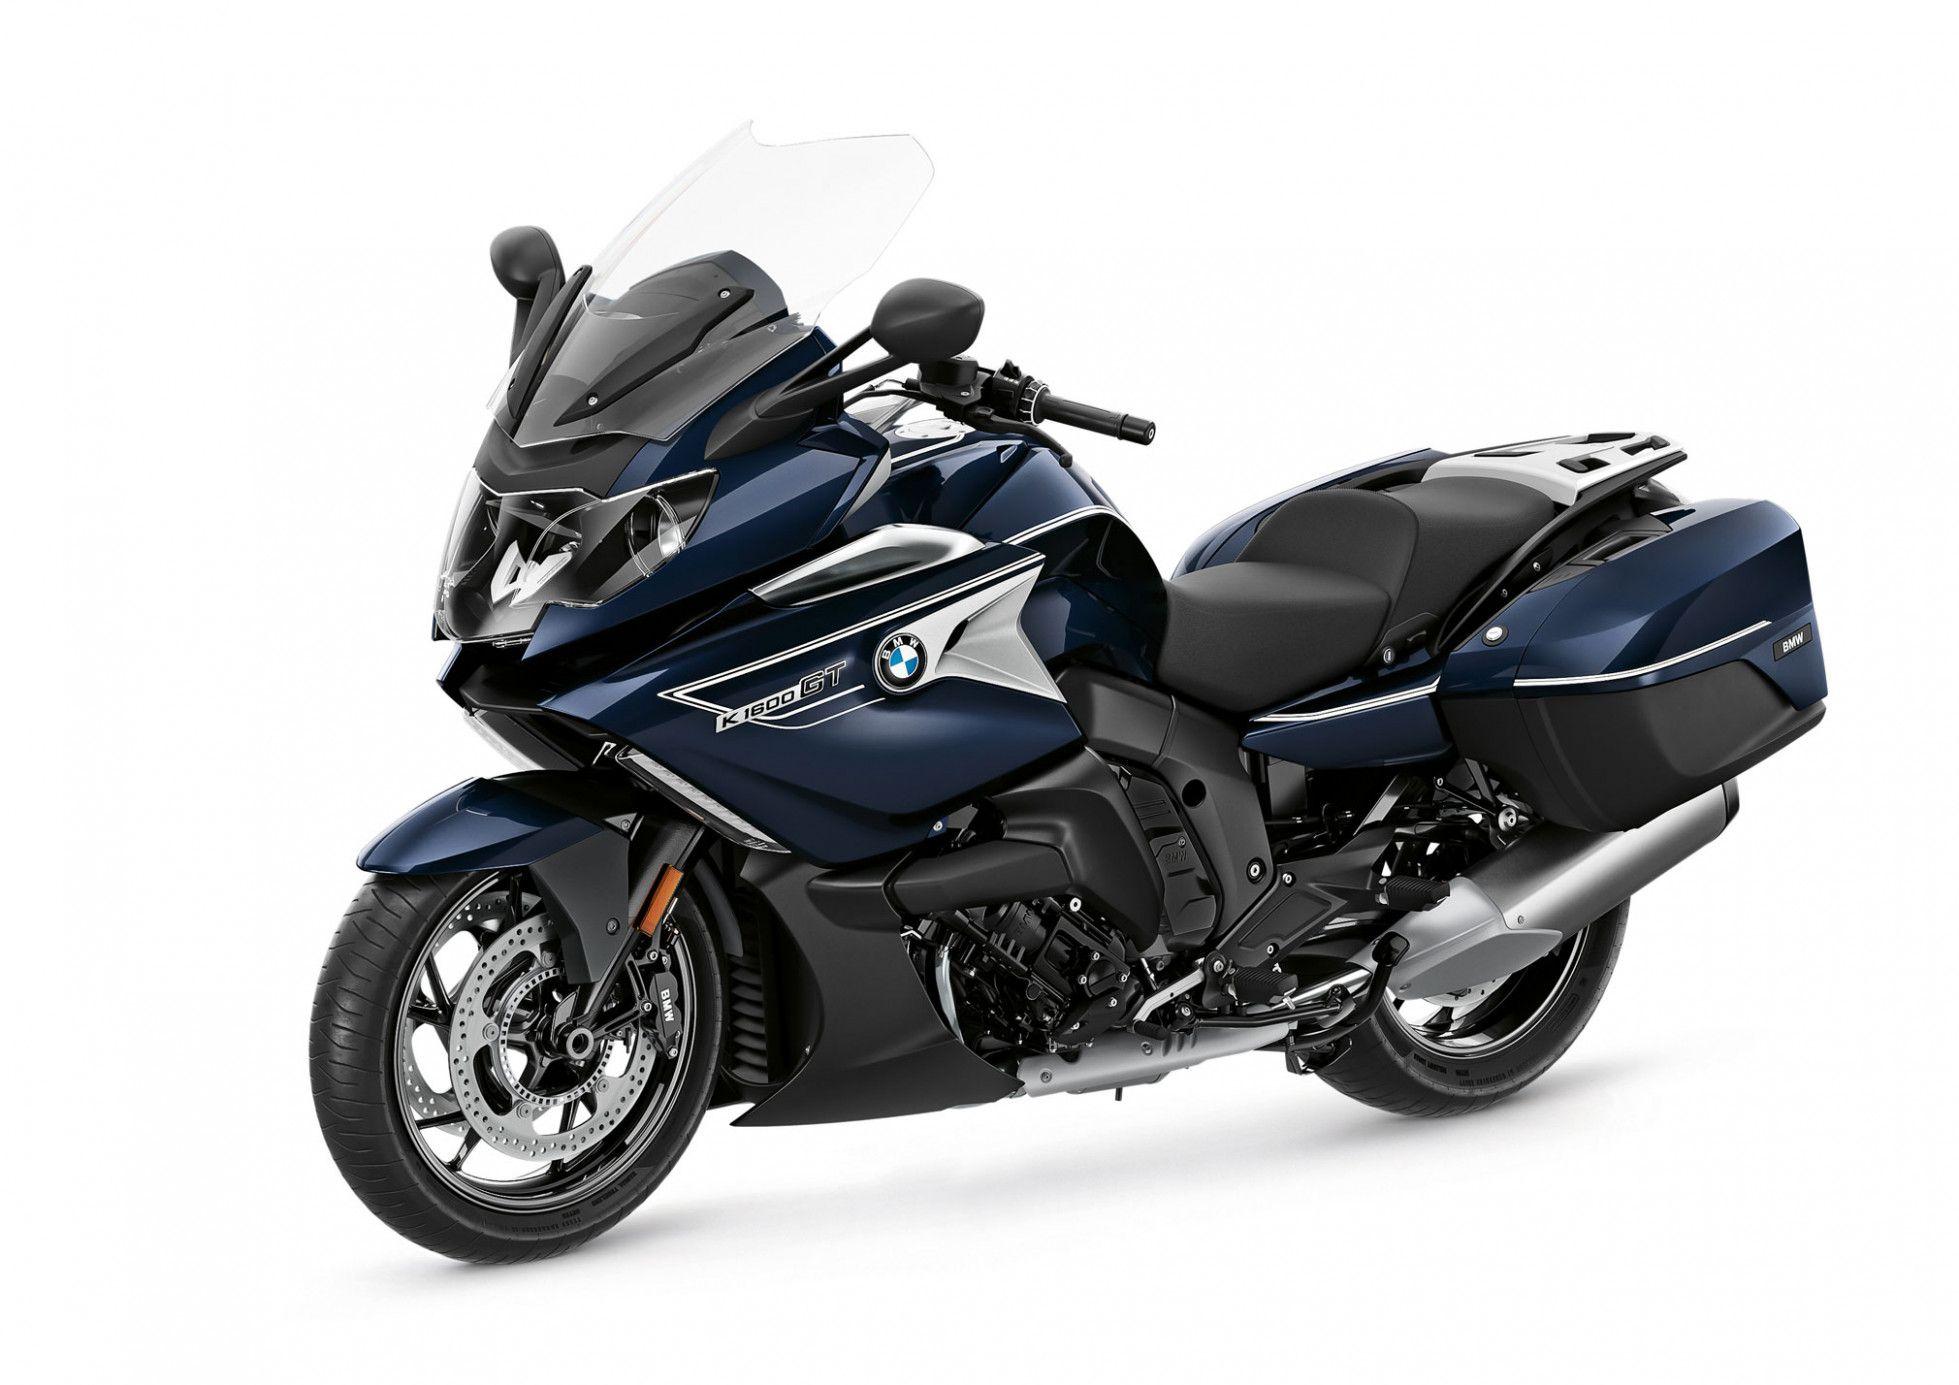 Bmw K1600 Gtl 2020 Release In 2020 Bmw Bmw Motorrad Gtl